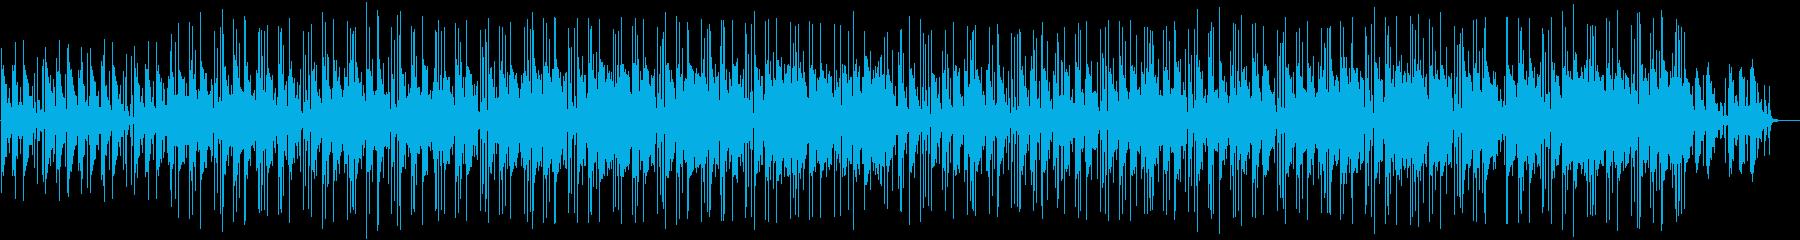 チルアウト ヒップホップ リラックスの再生済みの波形